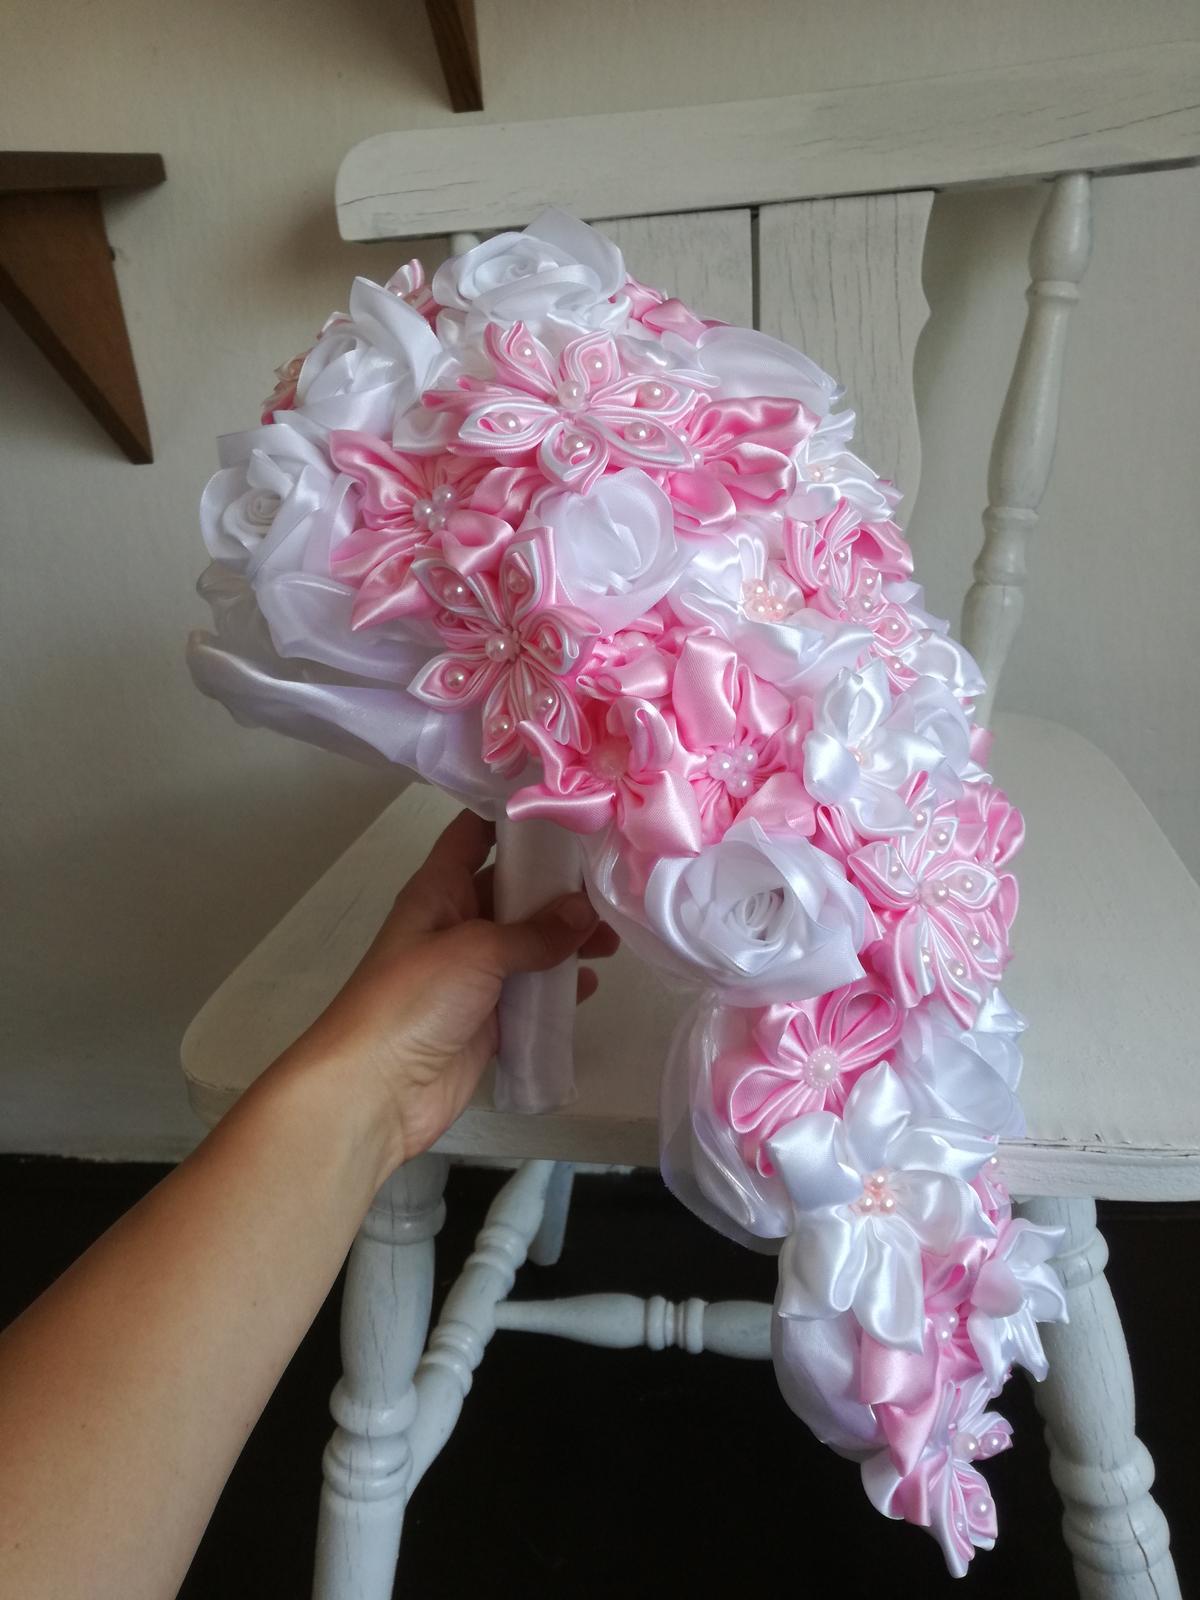 Ružovo biela previslá,pošta v cene - Obrázok č. 2